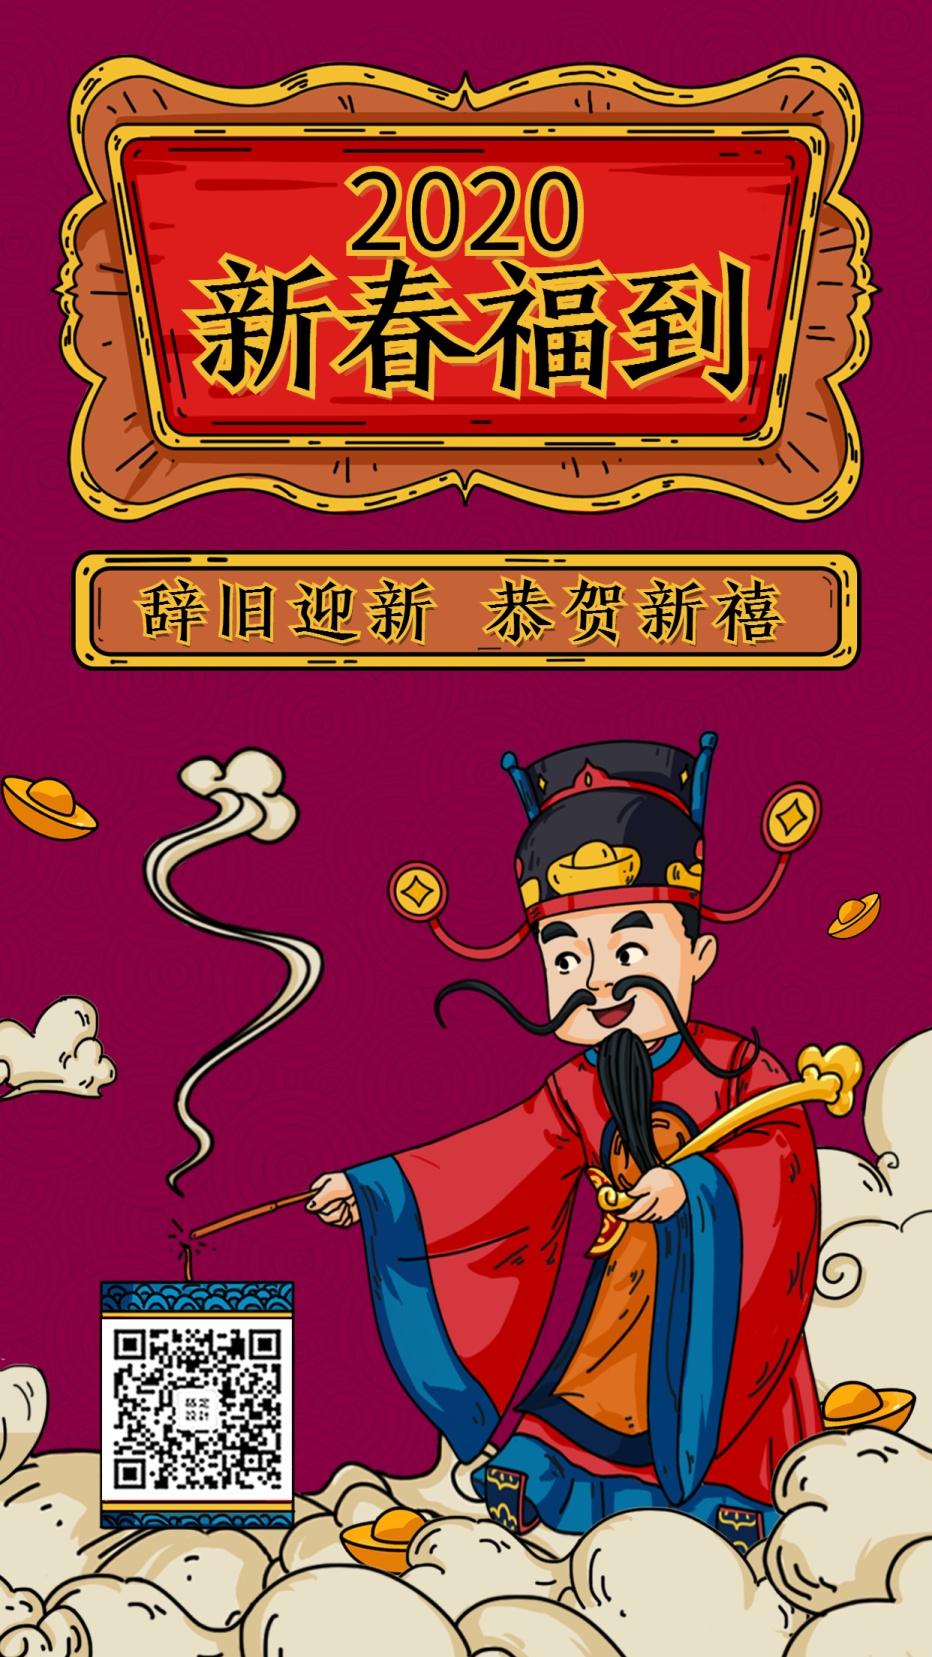 春节新年新春祝福鼠年财神爷卡通手绘创意插画手机海报